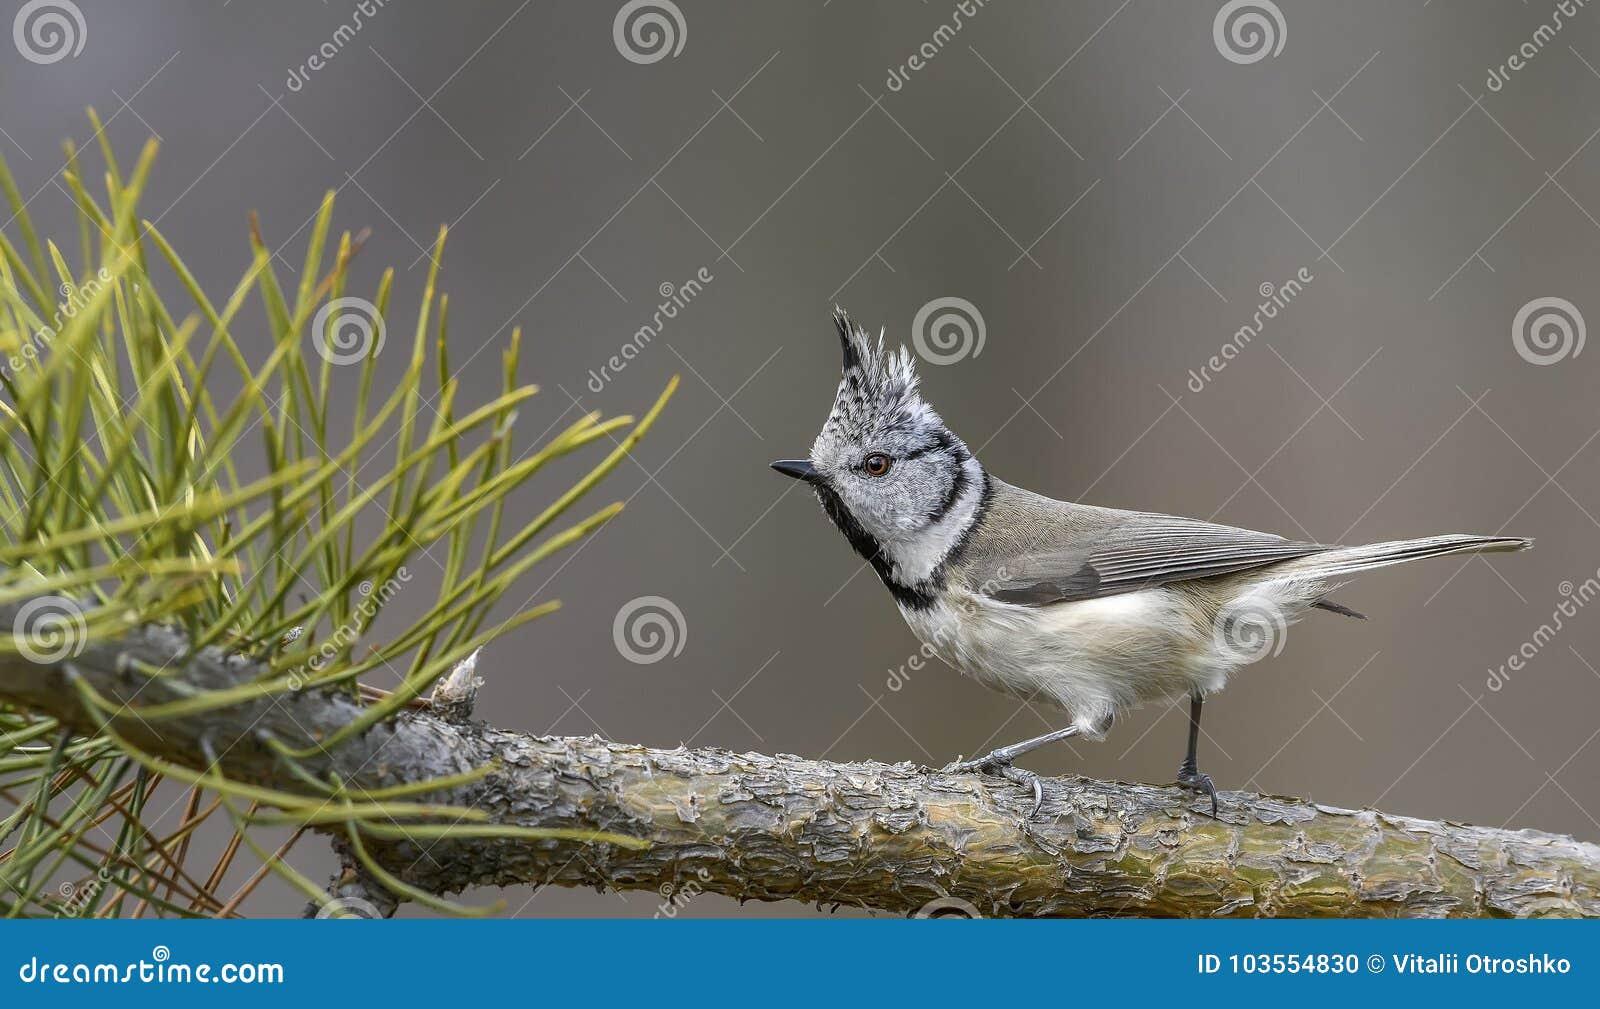 Ð-¡ stand Meise, Vogel, Vogel mit Kamm, Vogel in der Natur still